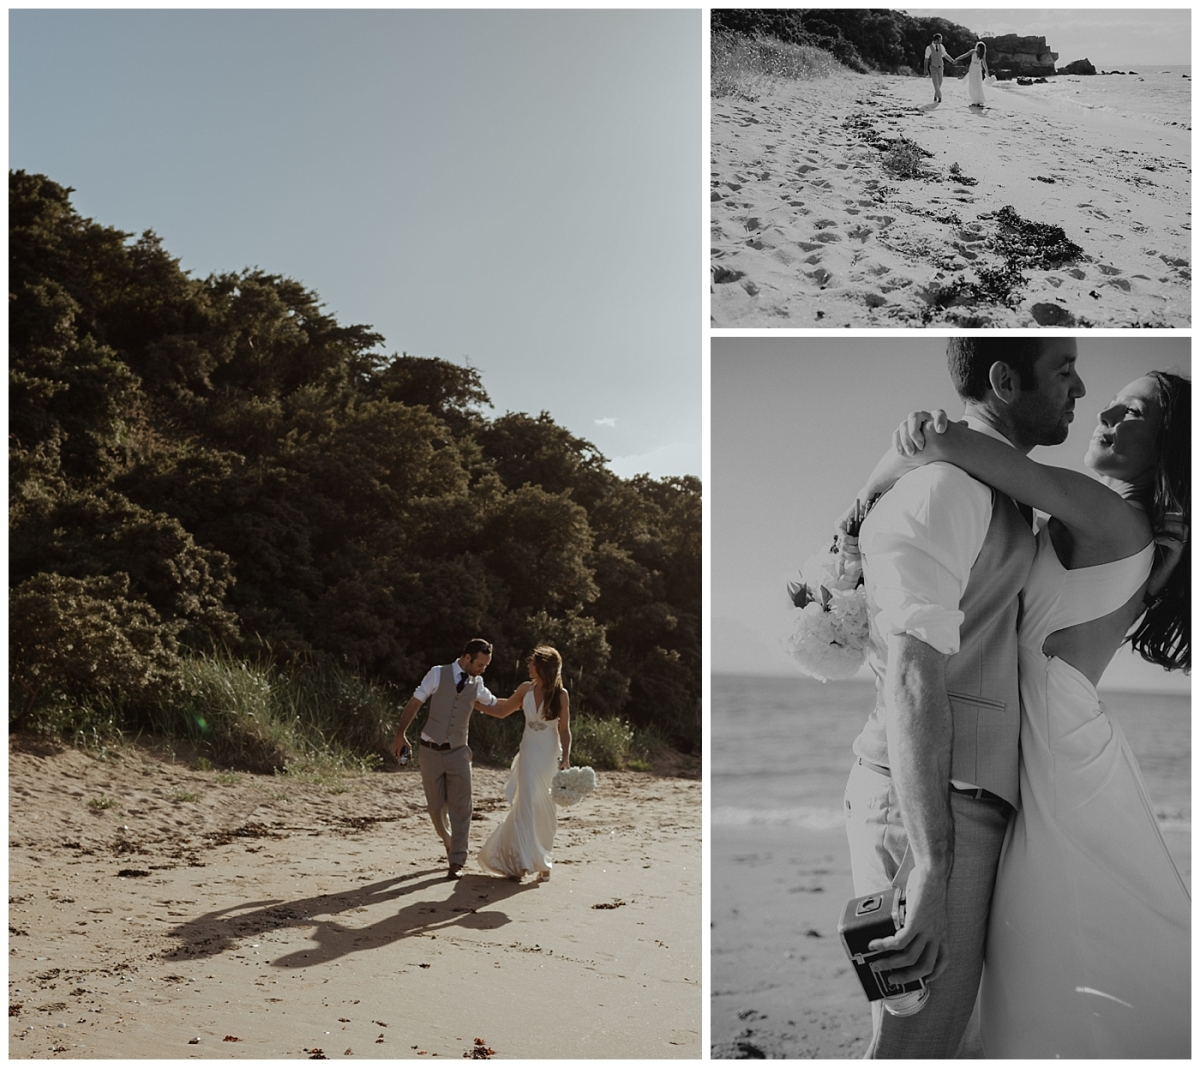 wedding-couple-beach-scotland